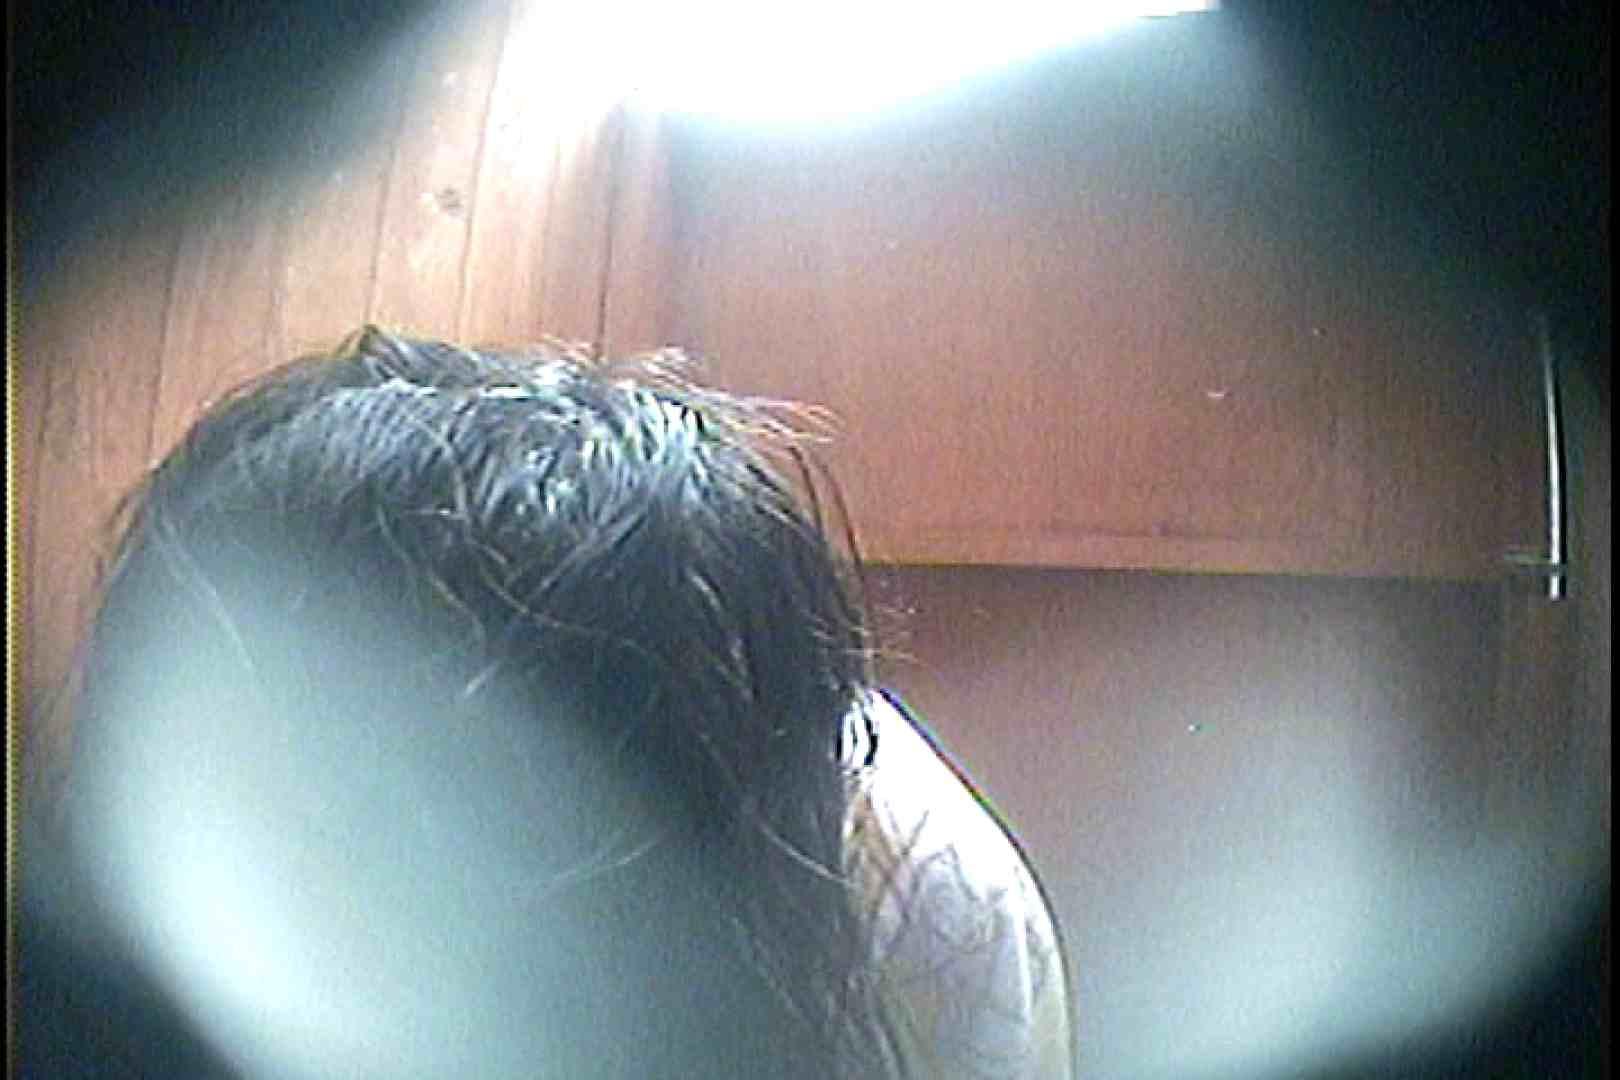 海の家の更衣室 Vol.24 美女 盗撮えろ無修正画像 74pic 56